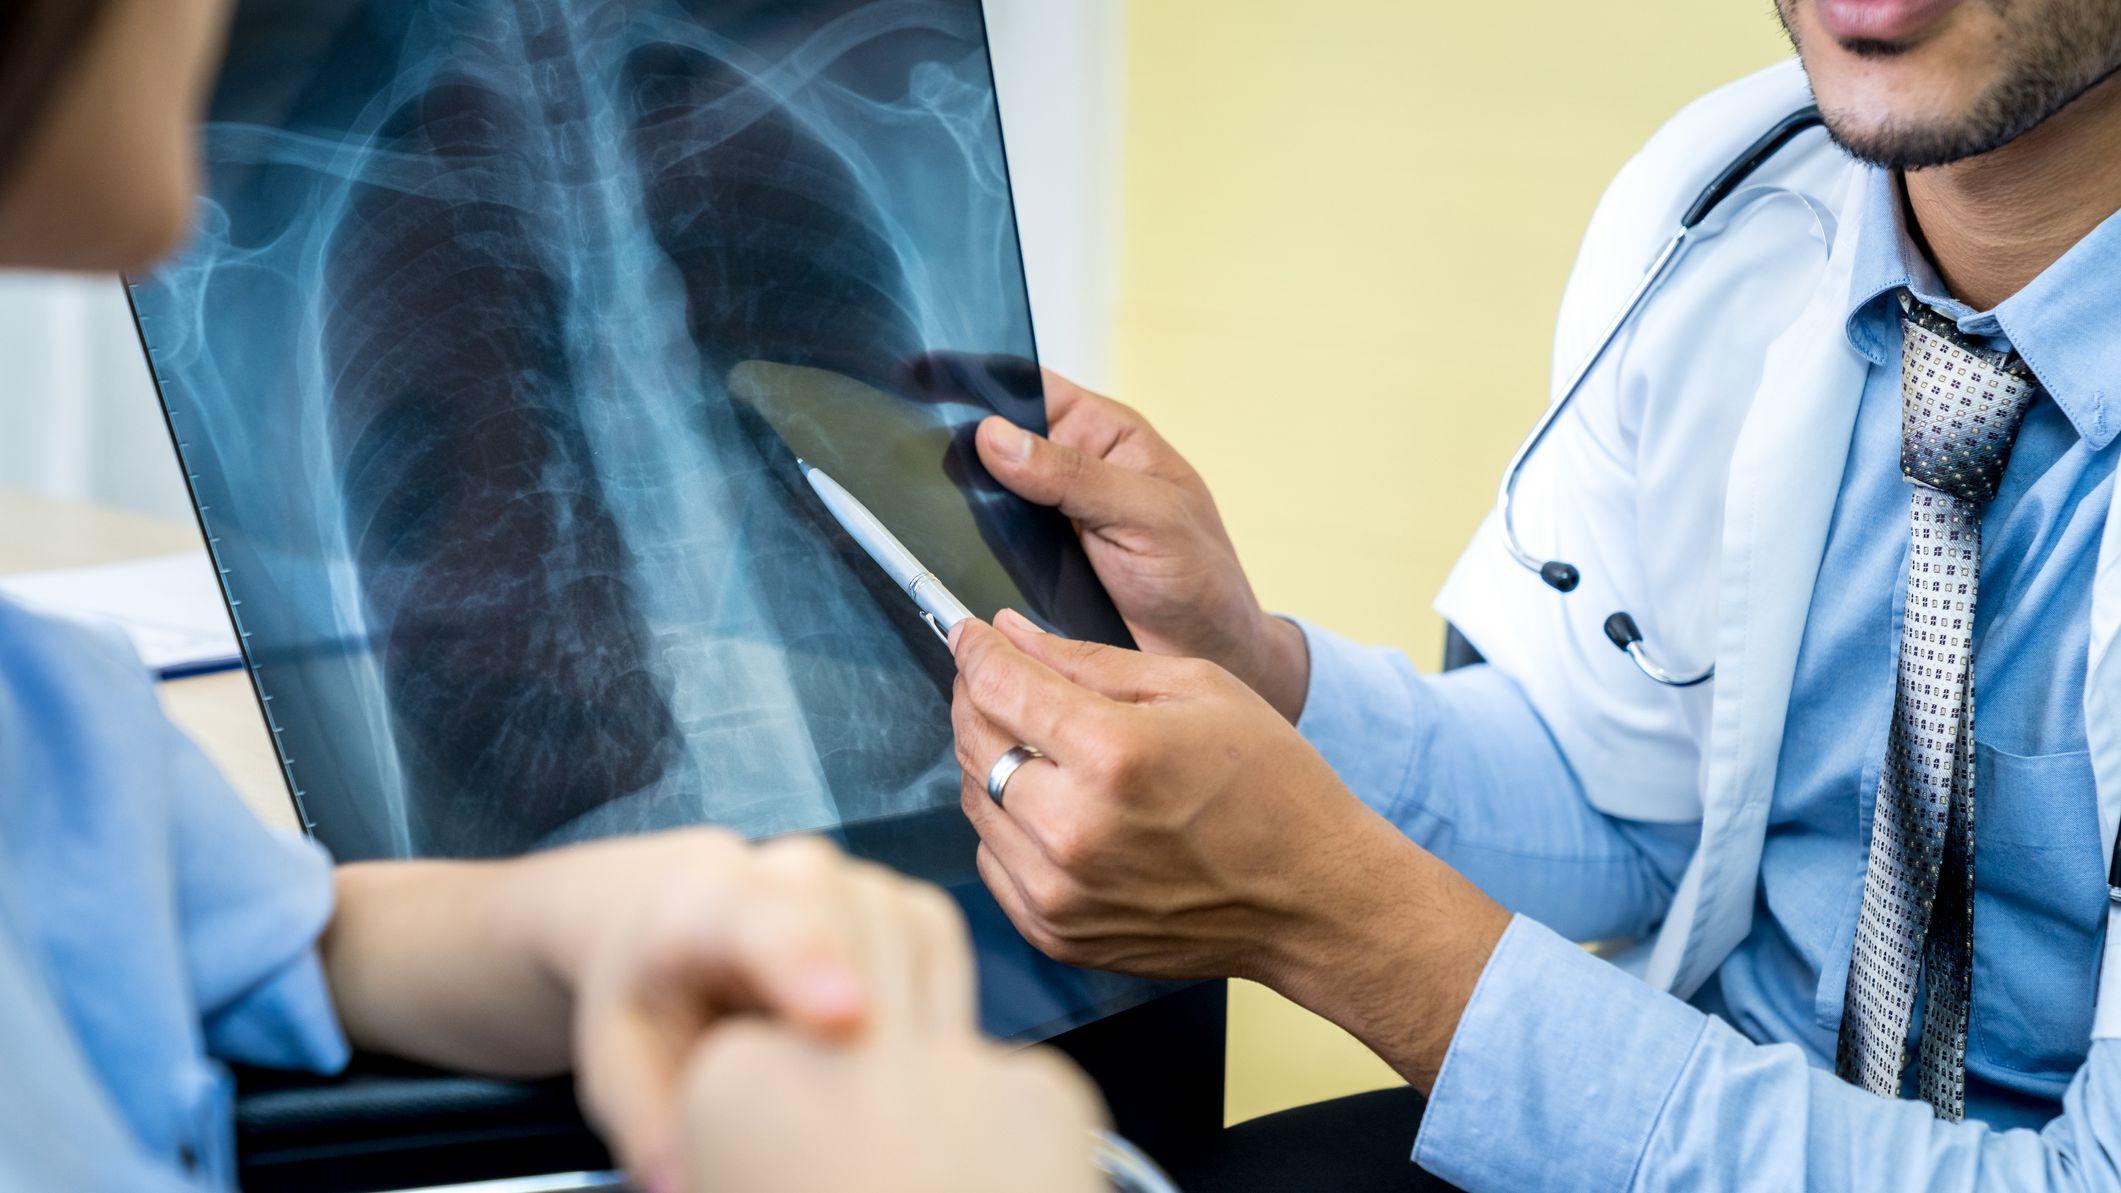 Ученые обнаружили скрытые повреждения легких у пациентов с долгим ковидом